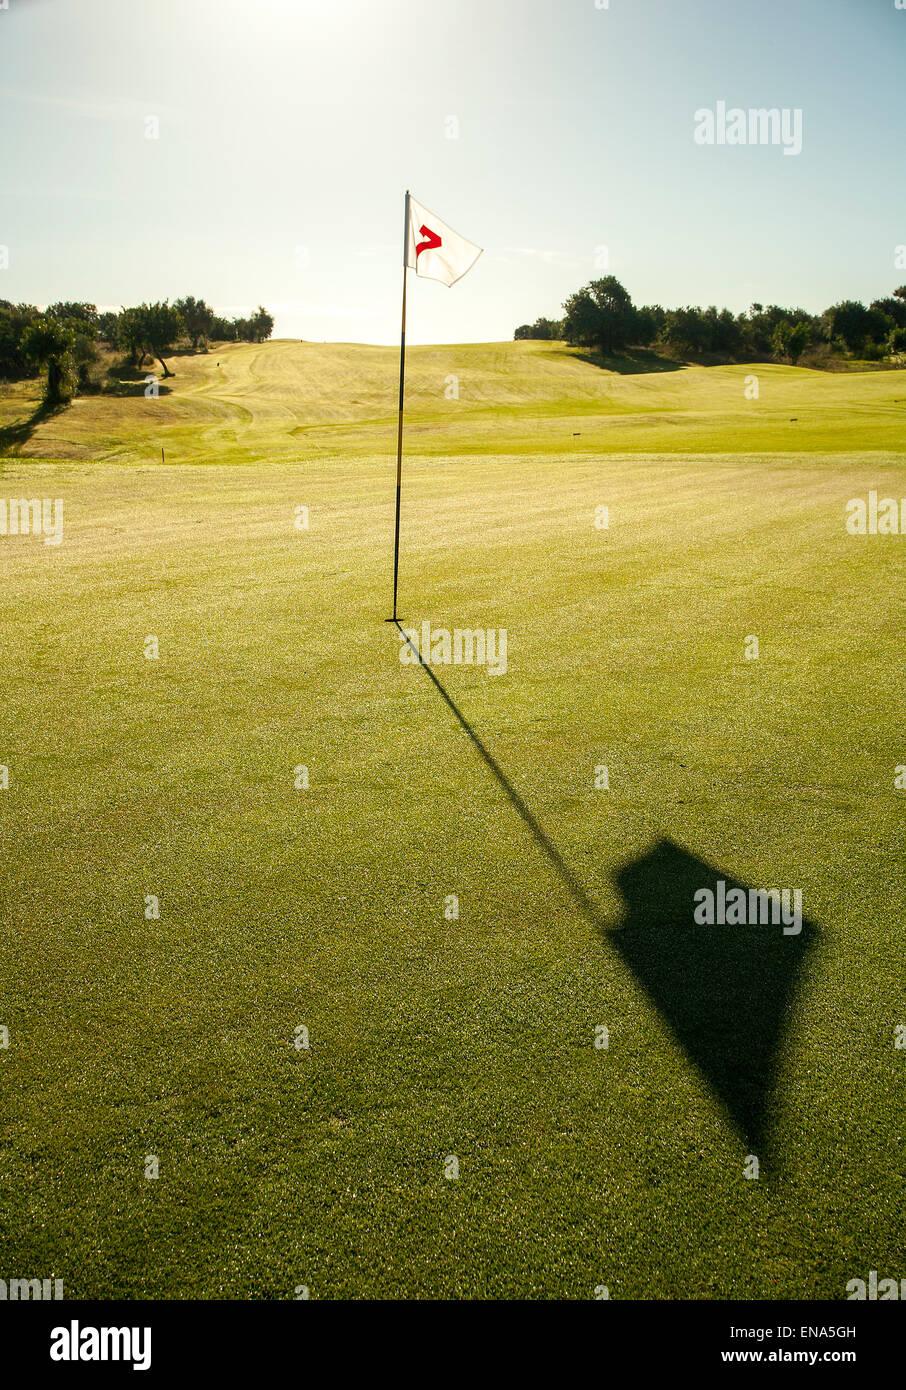 Golfflagge in voller Sonne auf grün, lange Schatten. Stockbild